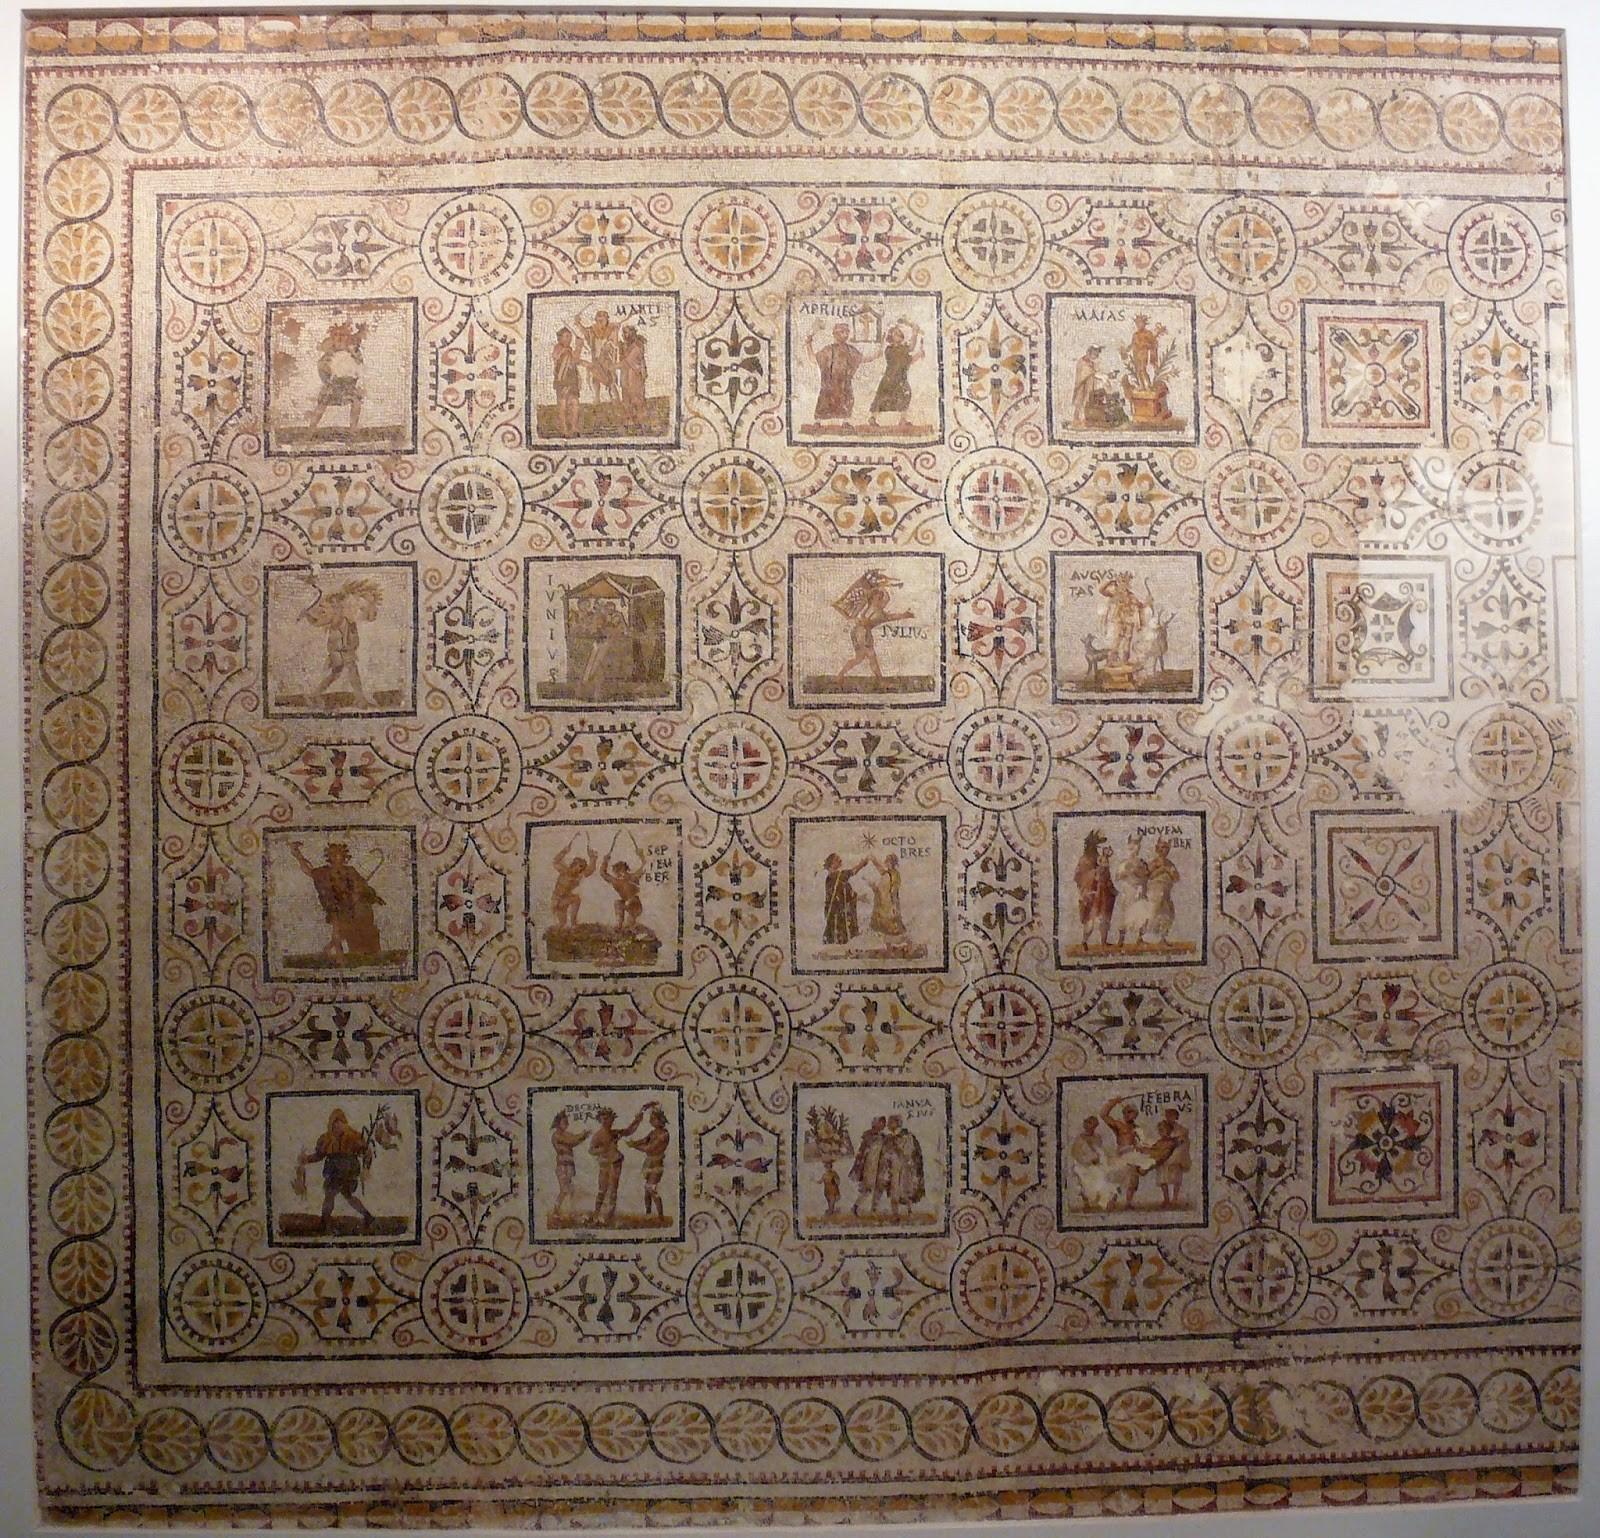 Mosaico representando um calendário agrcola Juliano da casa de Thysdrus